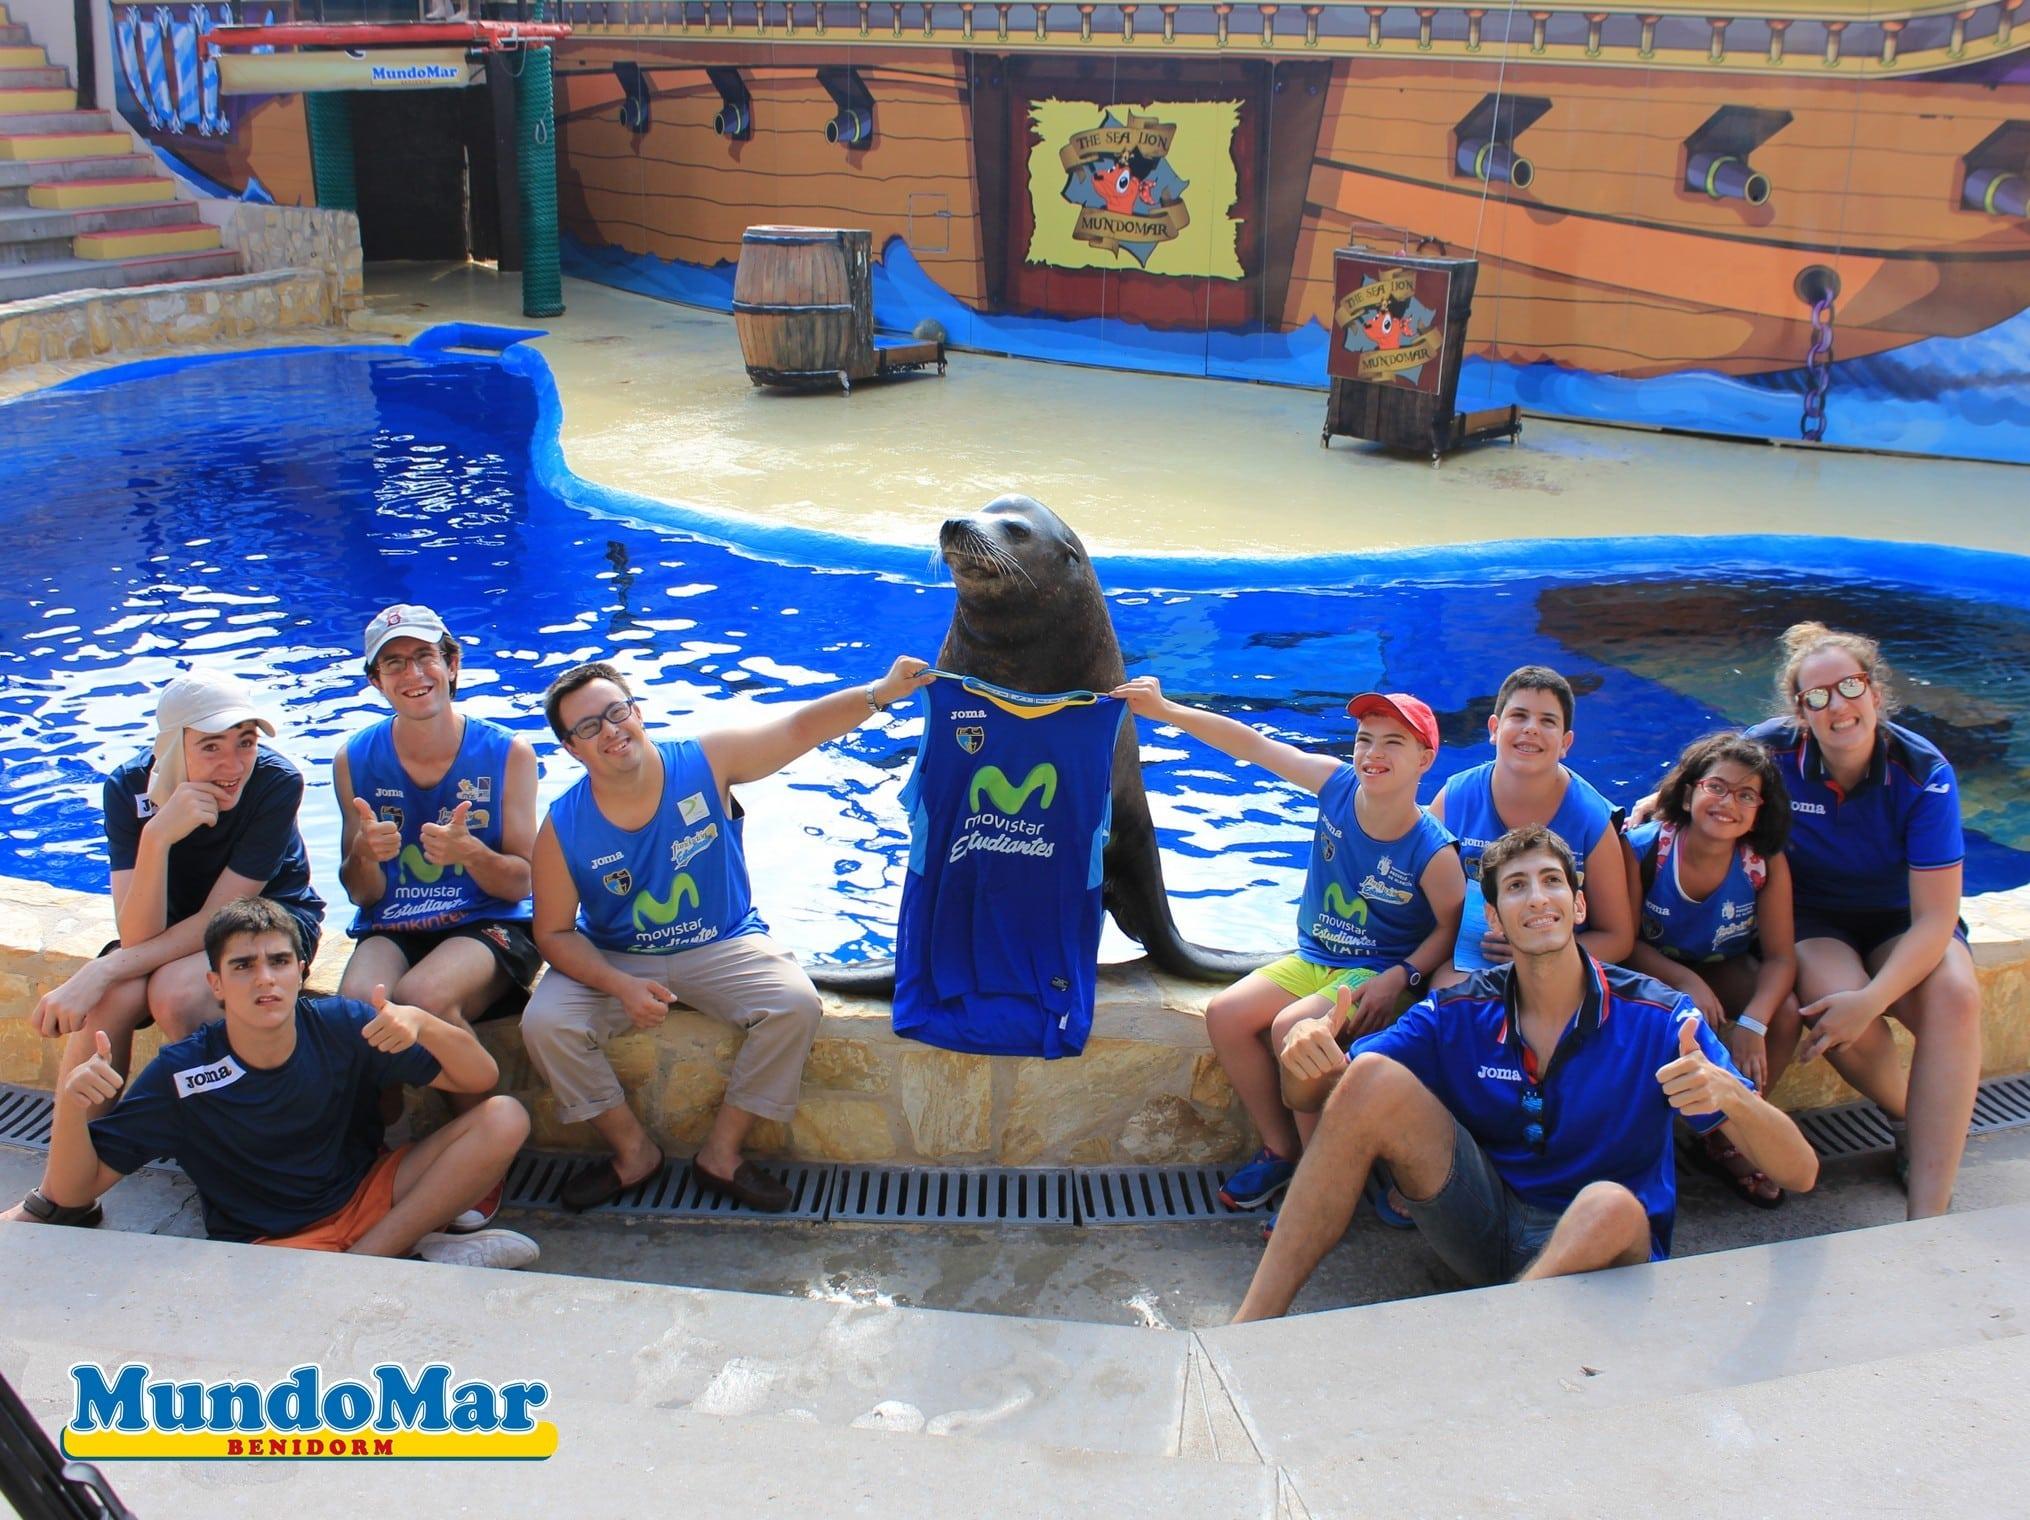 Fundación Estudiantes y Fundación Terra Mítica celebran su I Campus de Verano del mejor baloncesto y ocio